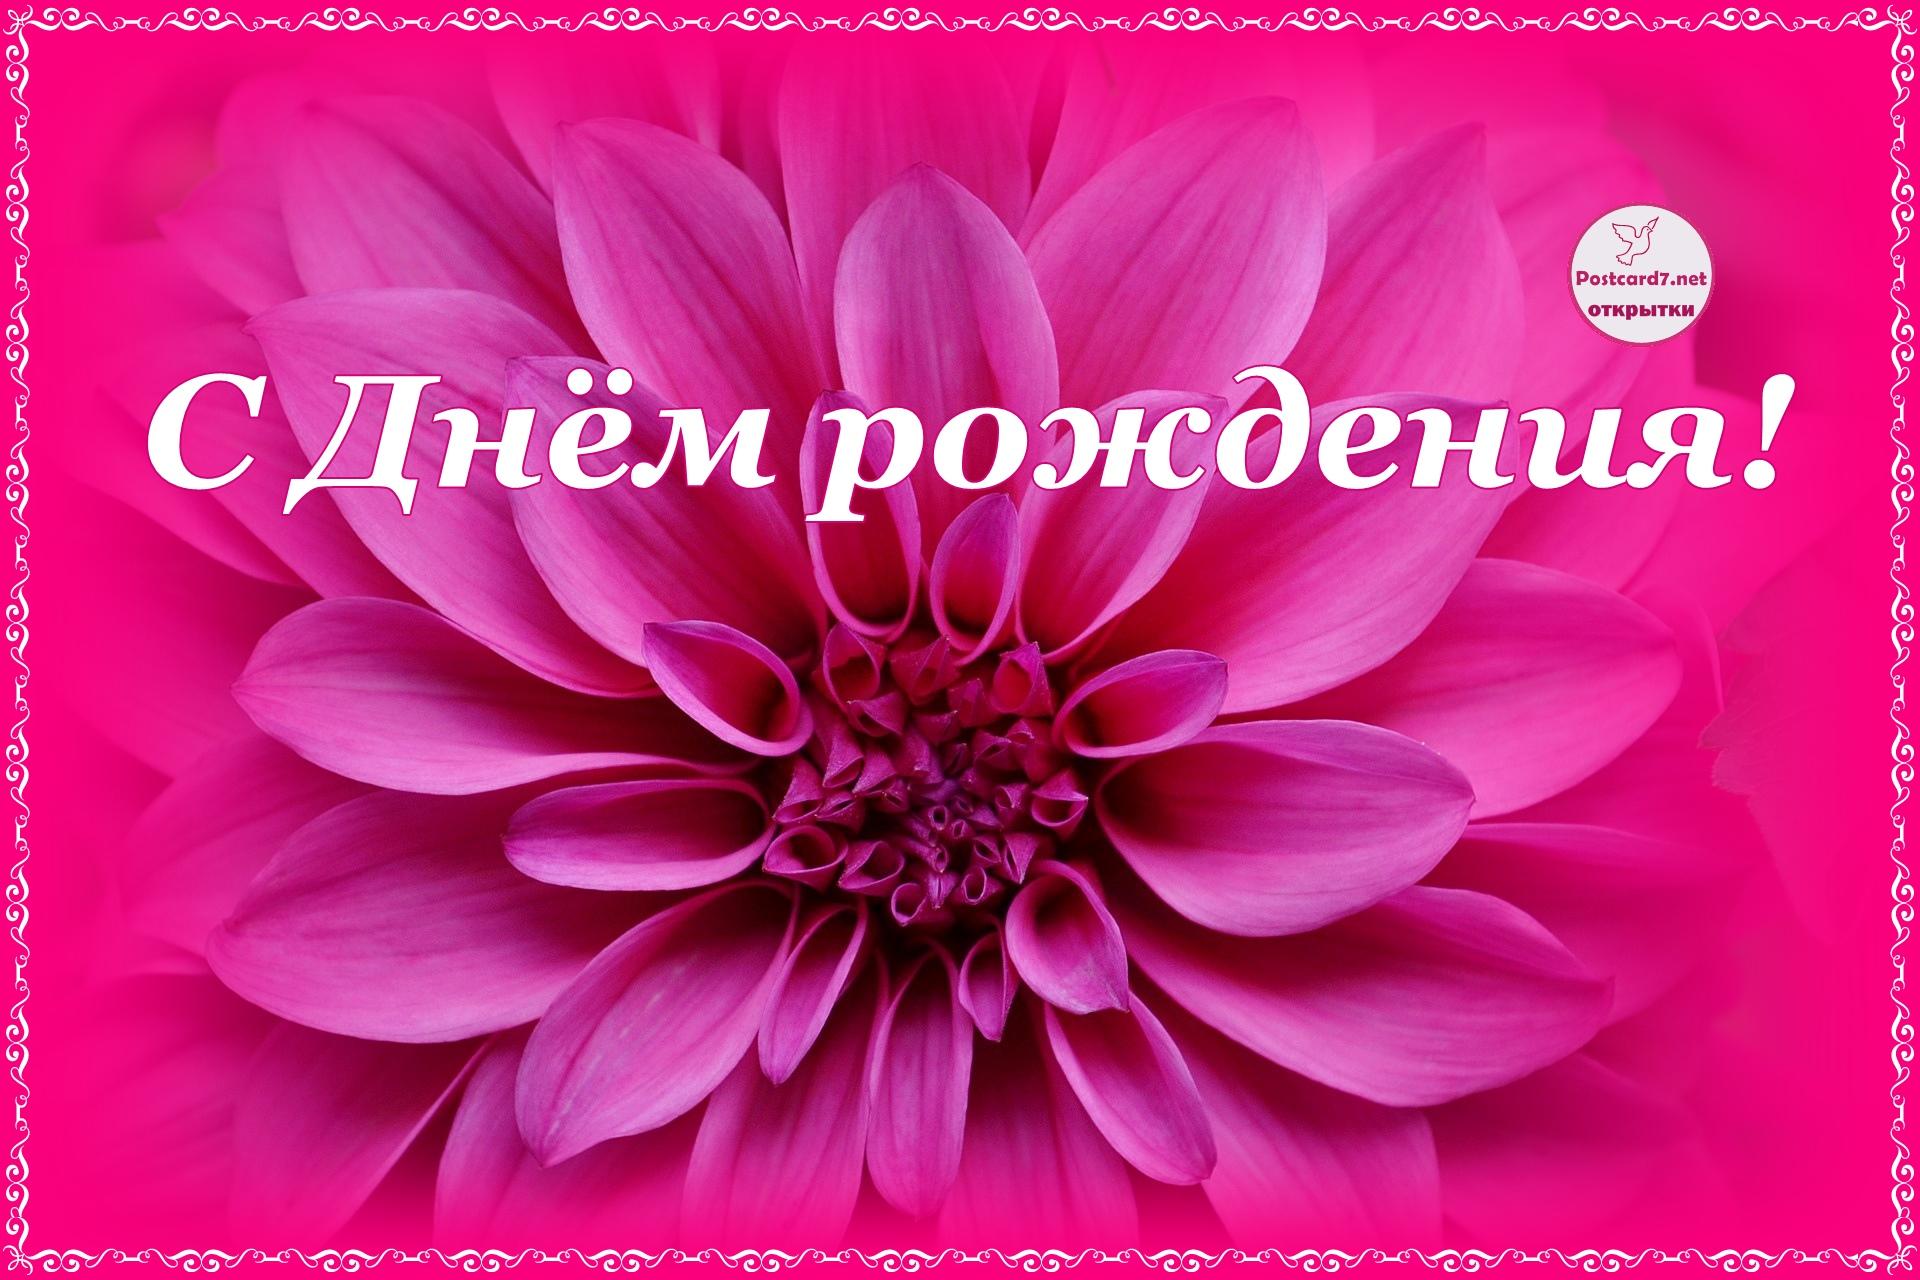 С Днём рождения! Открытка с тёмно-розовым георгином